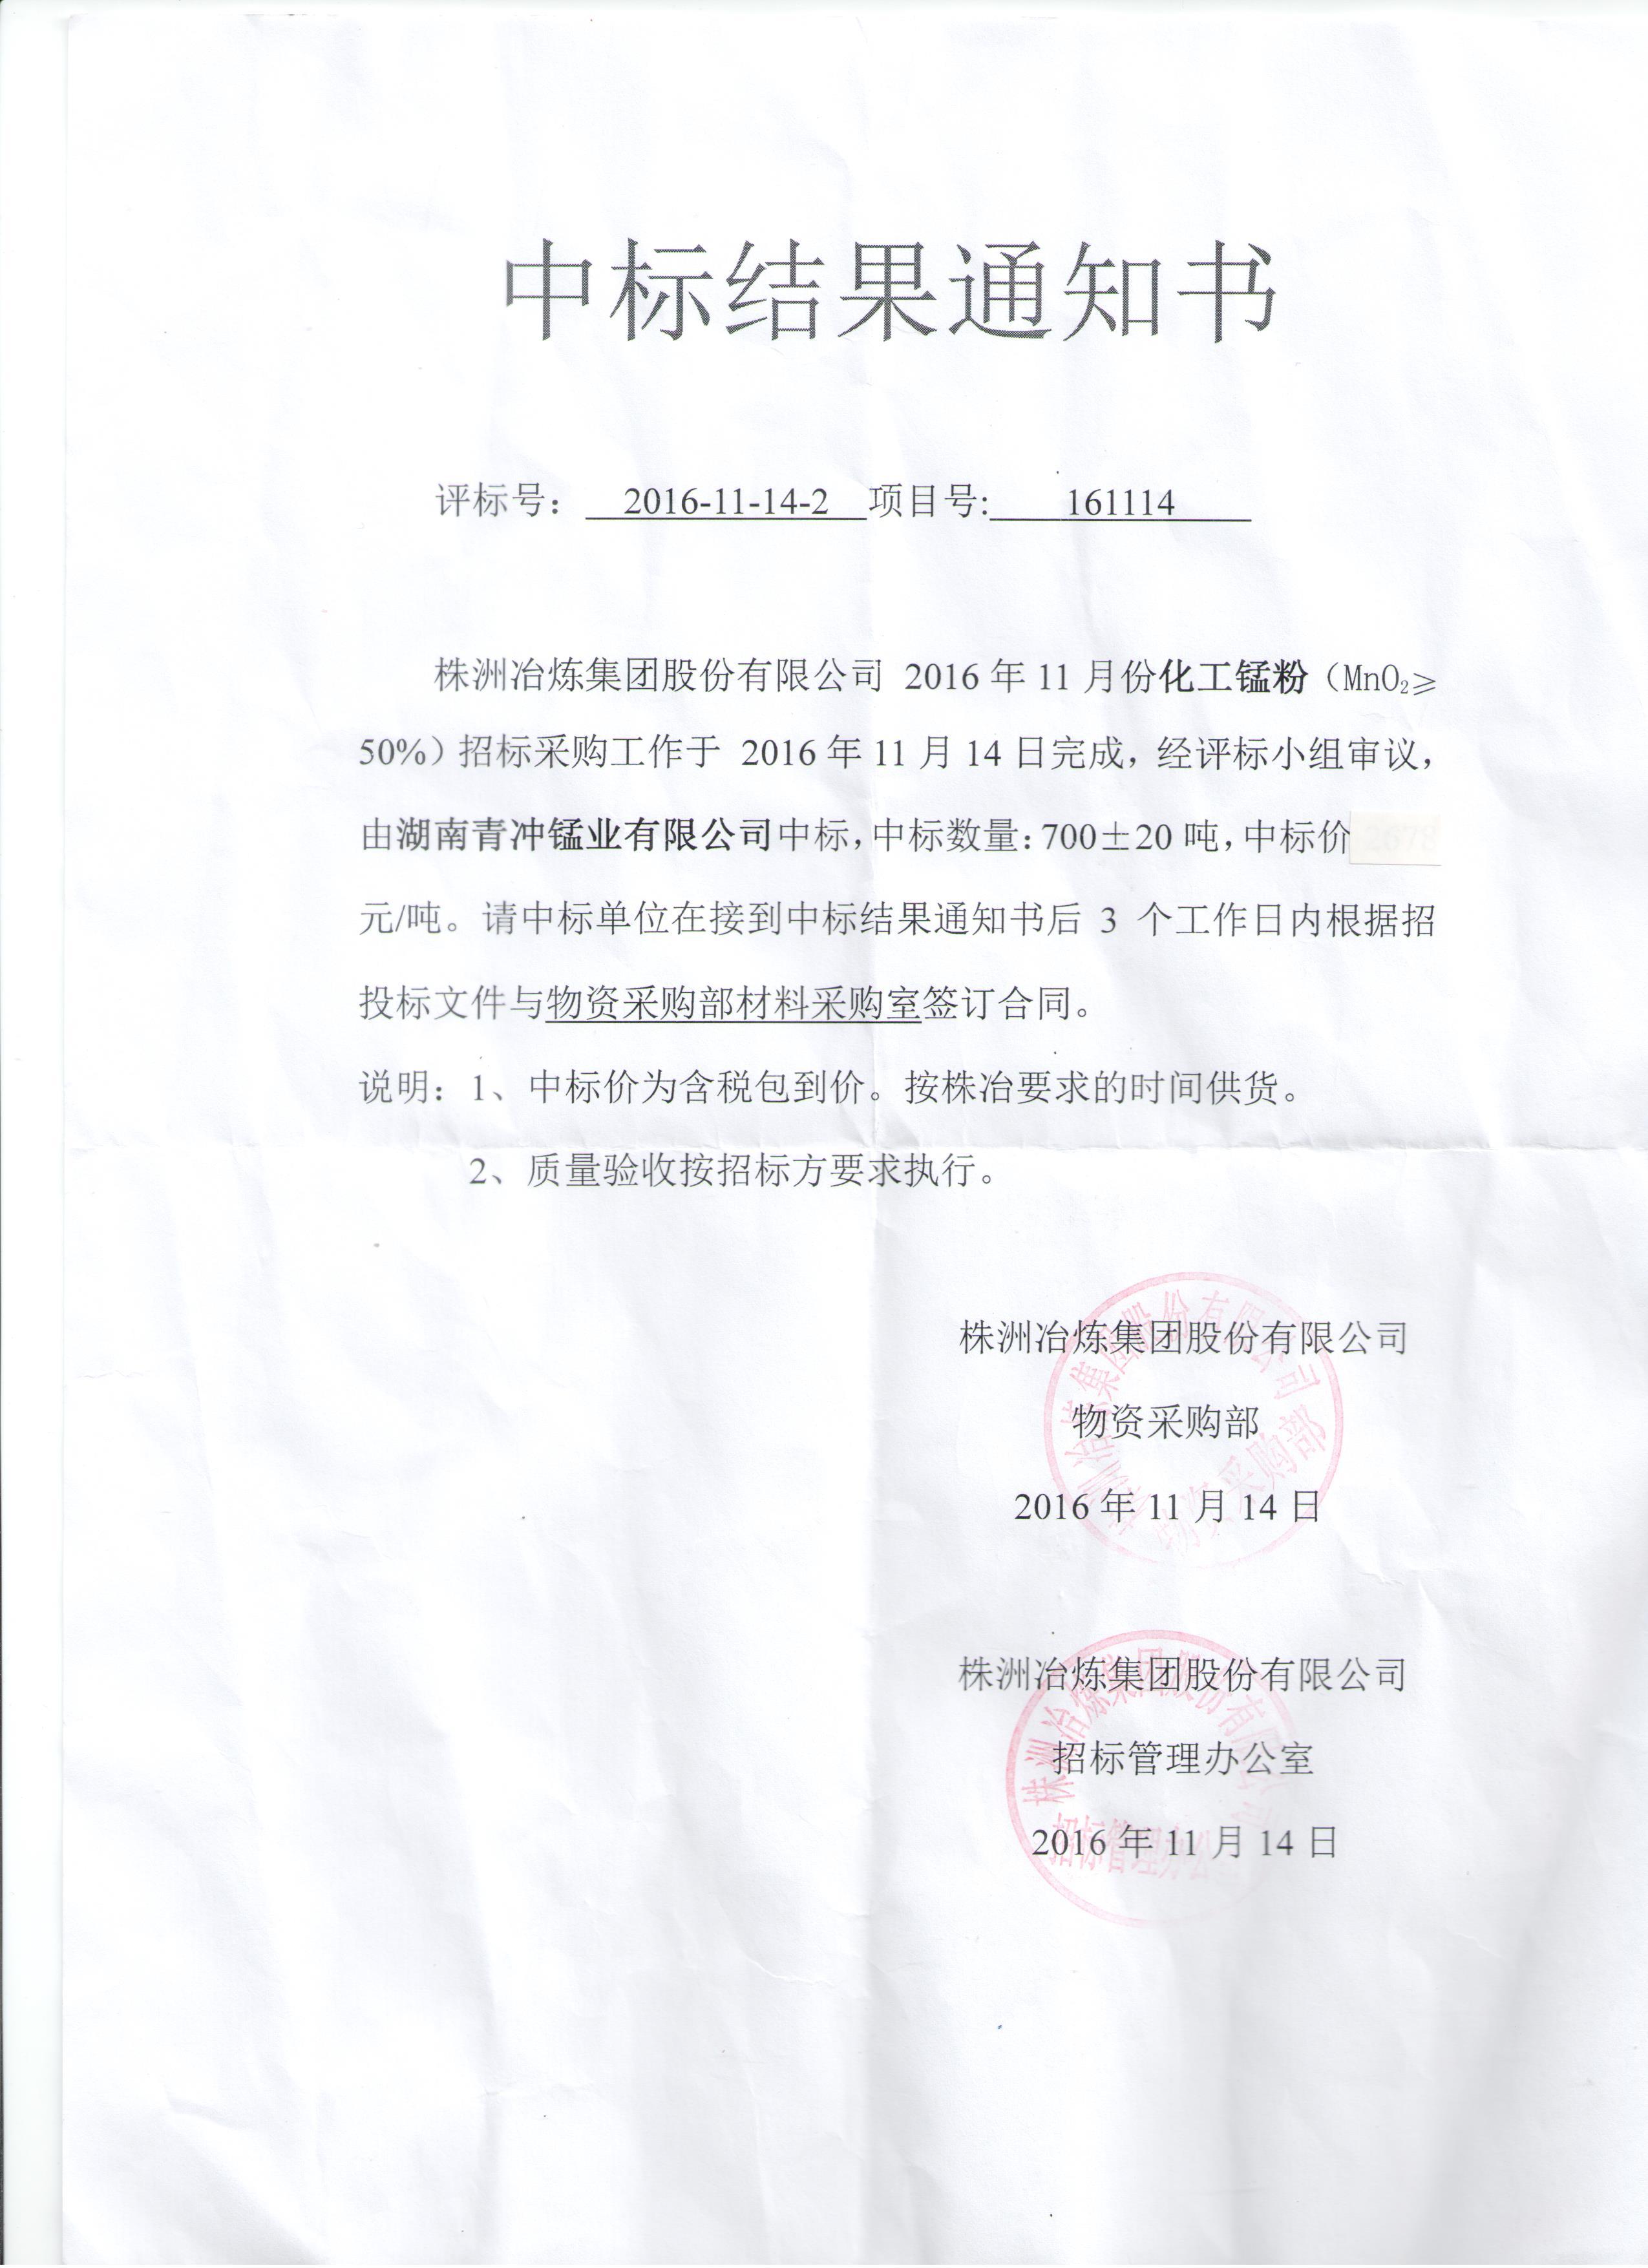 好消息,株洲冶炼厂新万博登录手机版原材料投标五连中